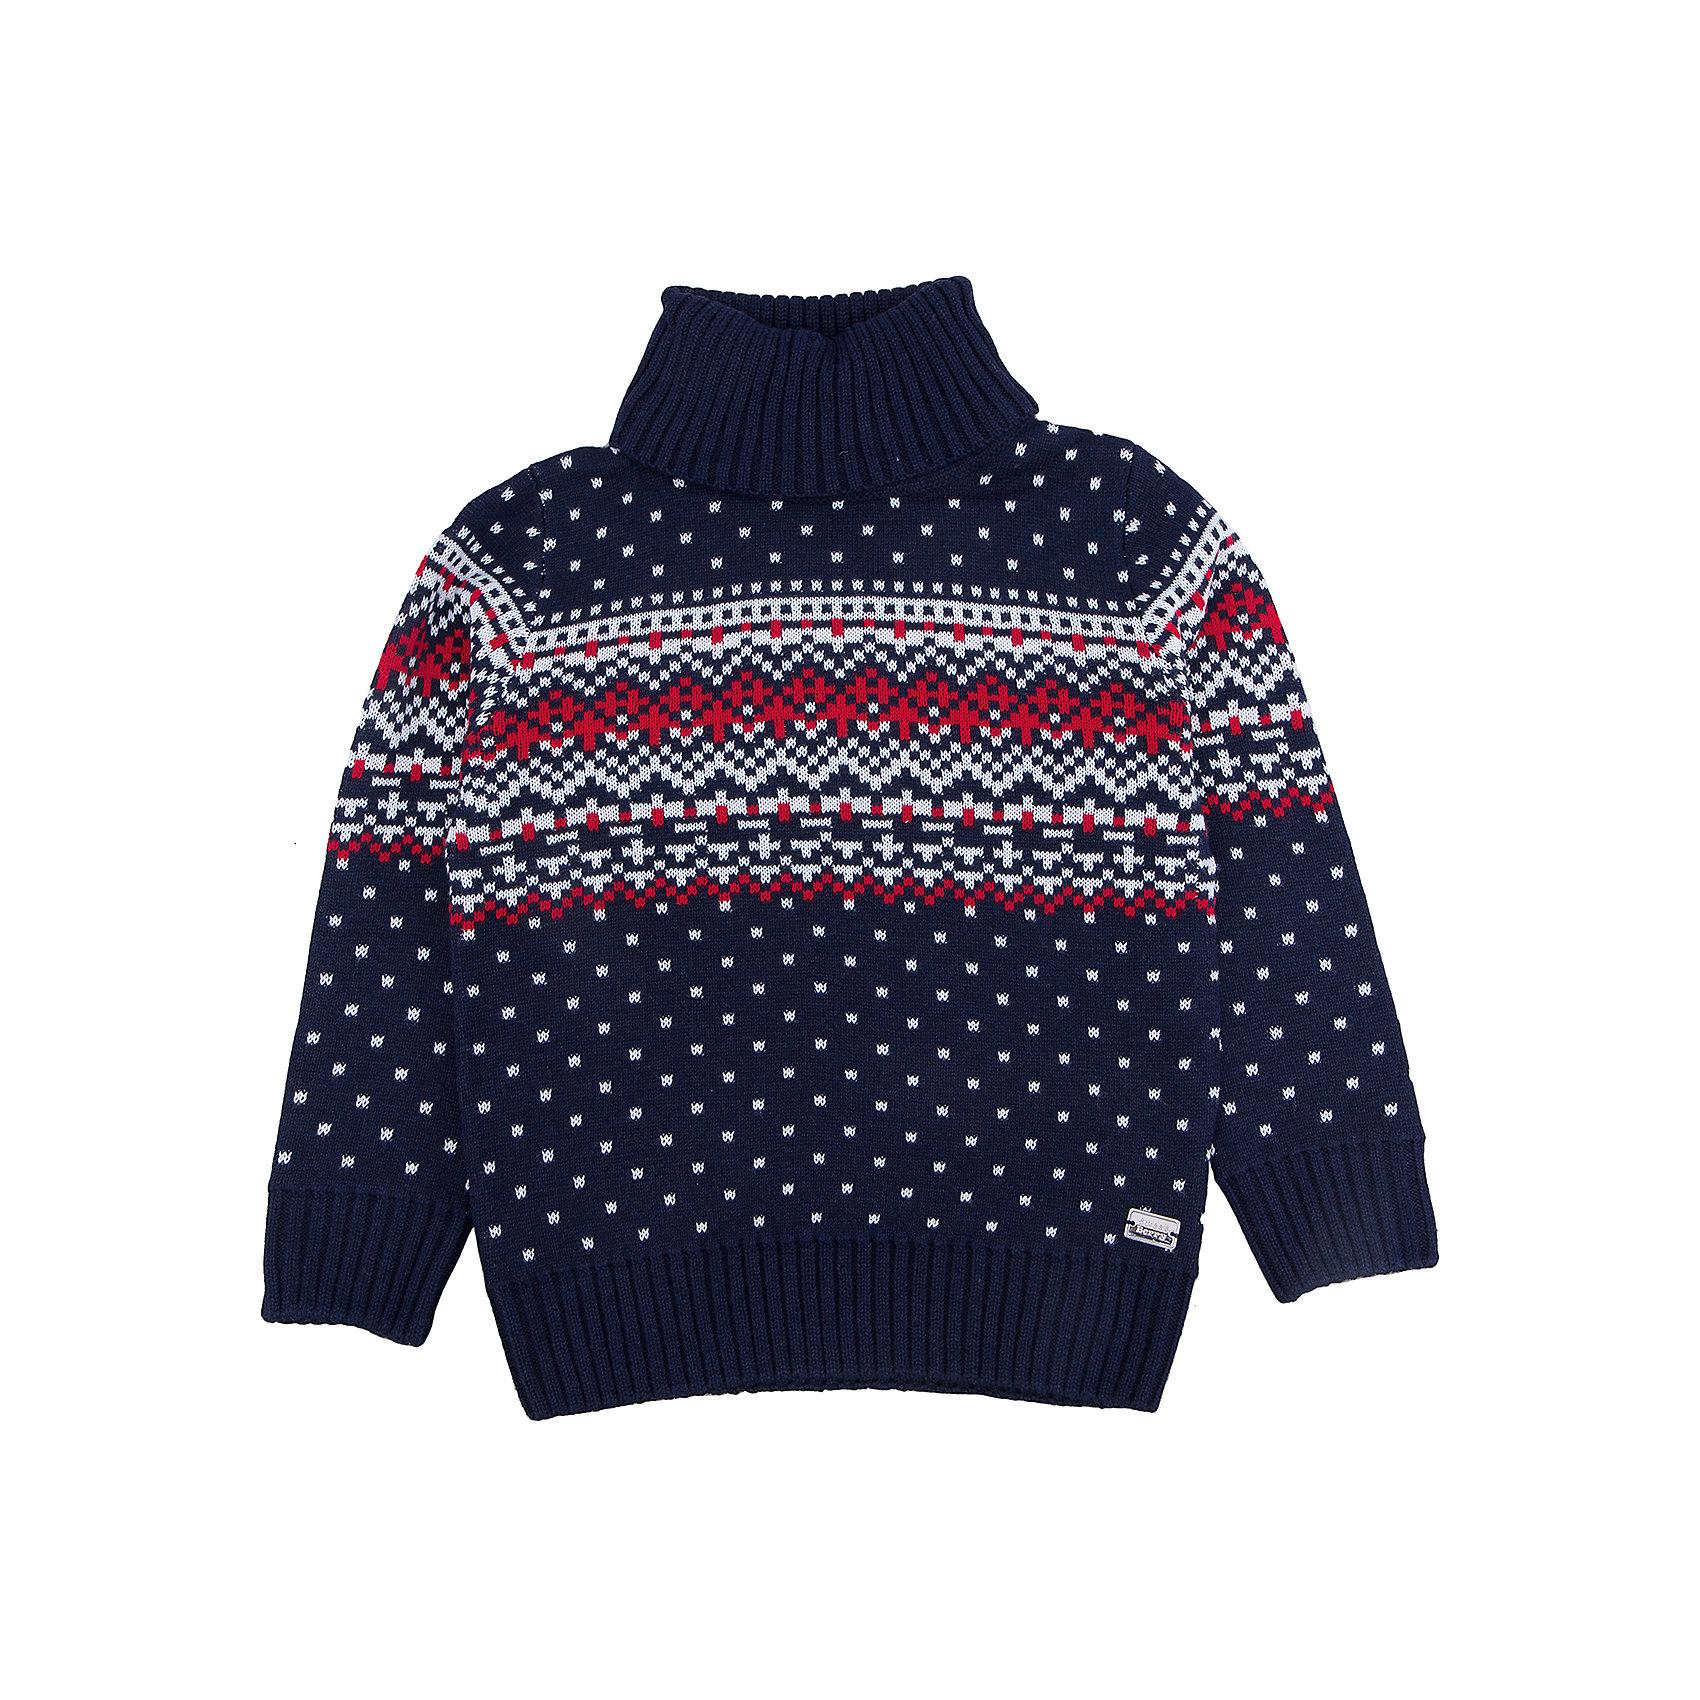 Свитер для мальчика Sweet BerryЭта модель свитера для мальчика отличается модным дизайном с оригинальным узором. Удачный крой обеспечит ребенку комфорт и тепло. Края изделия обработаны мягкой резинкой , горло - высокое, поэтому вещь плотно прилегает к телу там, где нужно, и отлично сидит по фигуре. Натуральный хлопок в составе пряжи обеспечит коже возможность дышать и не вызовет аллергии.<br>Одежда от бренда Sweet Berry - это простой и выгодный способ одеть ребенка удобно и стильно. Всё изделия тщательно проработаны: швы - прочные, материал - качественный, фурнитура - подобранная специально для детей. <br><br>Дополнительная информация:<br><br>цвет: синий;<br>материал: 60% хлопок, 40% акрил;<br>высокое горло;<br>декорирован узором.<br><br>Свитер для мальчика от бренда Sweet Berry можно купить в нашем интернет-магазине.<br><br>Ширина мм: 190<br>Глубина мм: 74<br>Высота мм: 229<br>Вес г: 236<br>Цвет: синий<br>Возраст от месяцев: 24<br>Возраст до месяцев: 36<br>Пол: Мужской<br>Возраст: Детский<br>Размер: 98,104,128,122,116,110<br>SKU: 4930571